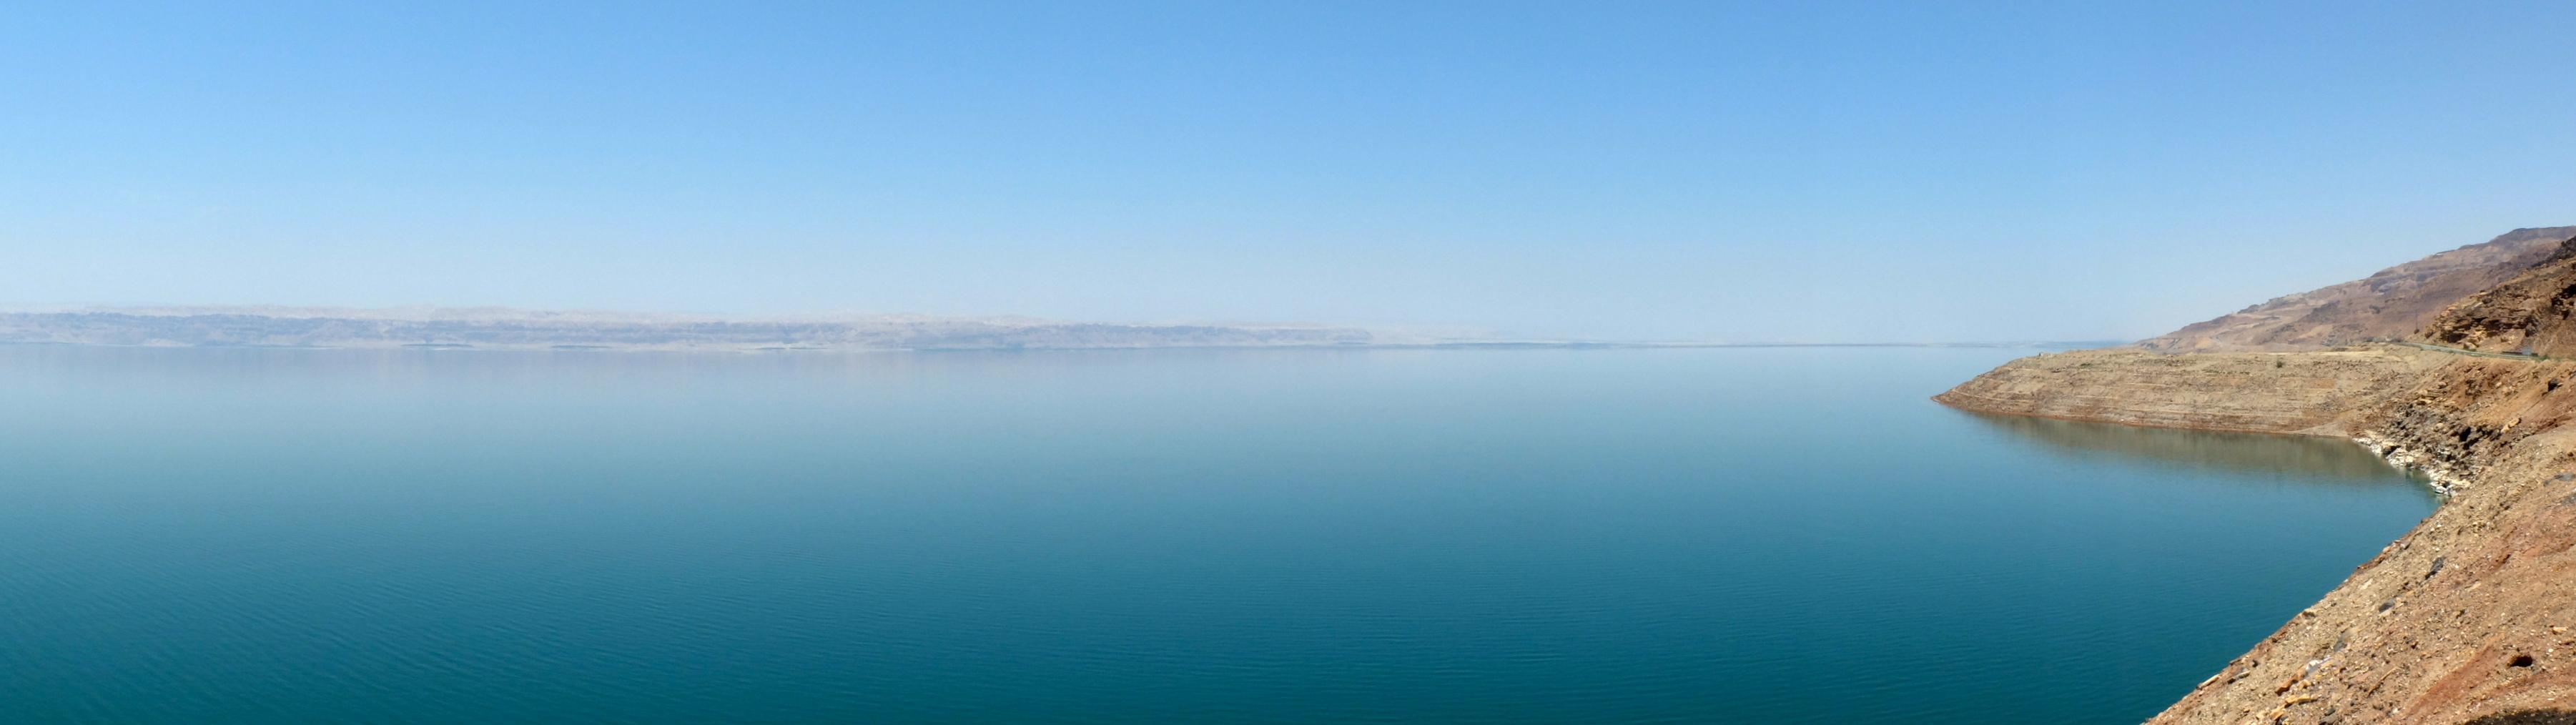 La mer morte, c'est grand